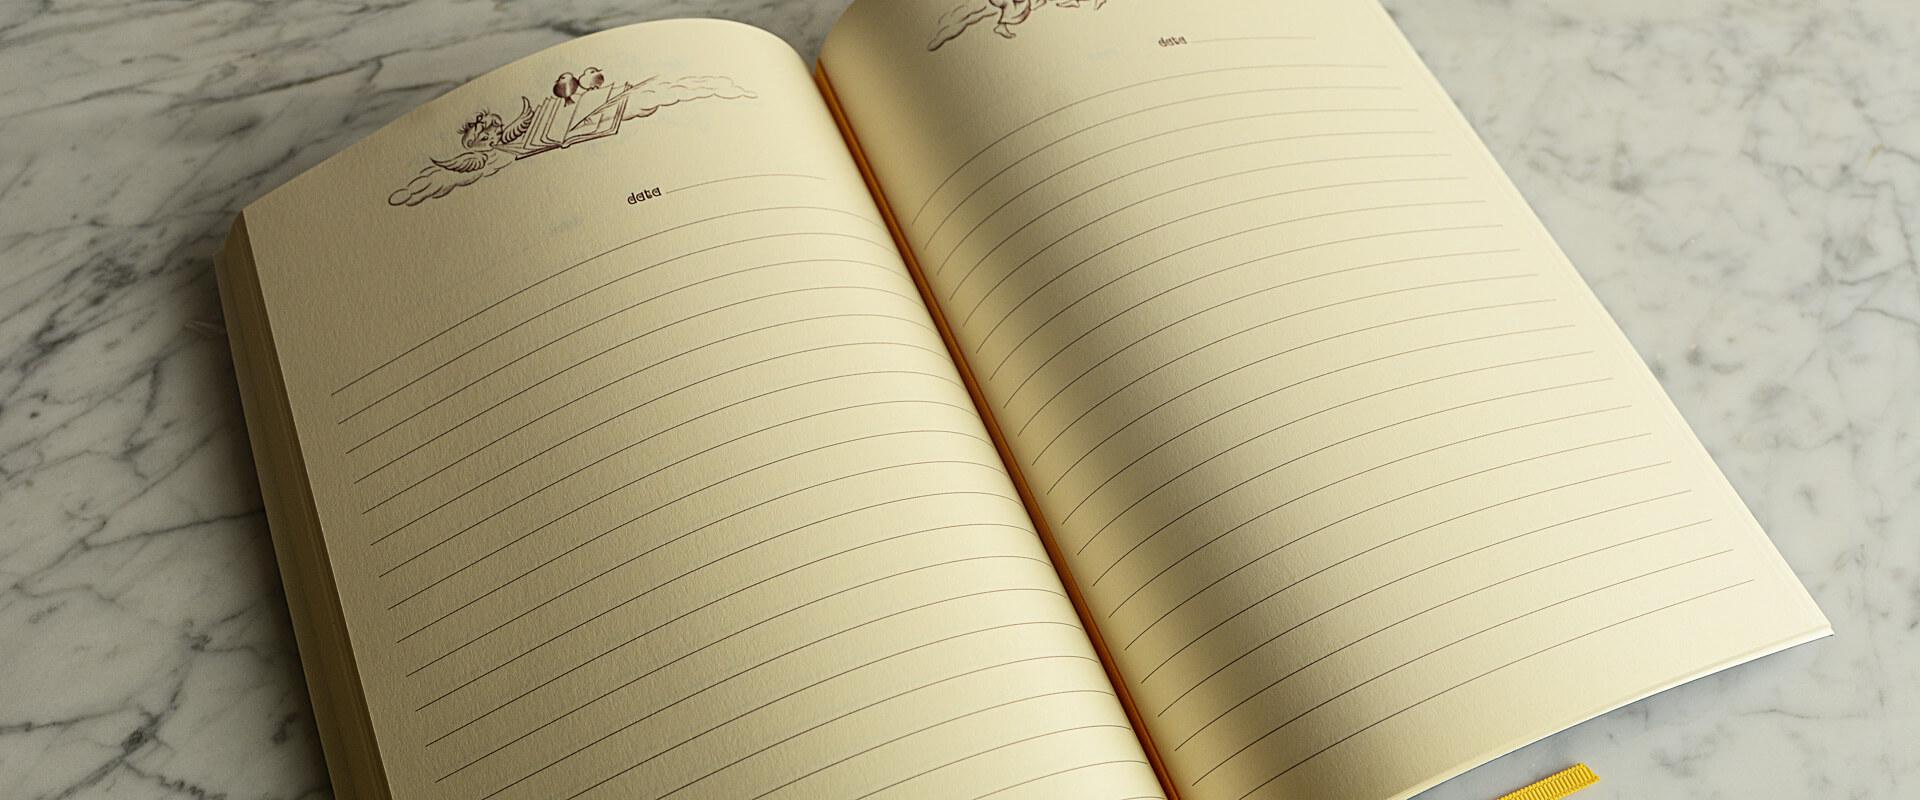 diario per insonnia